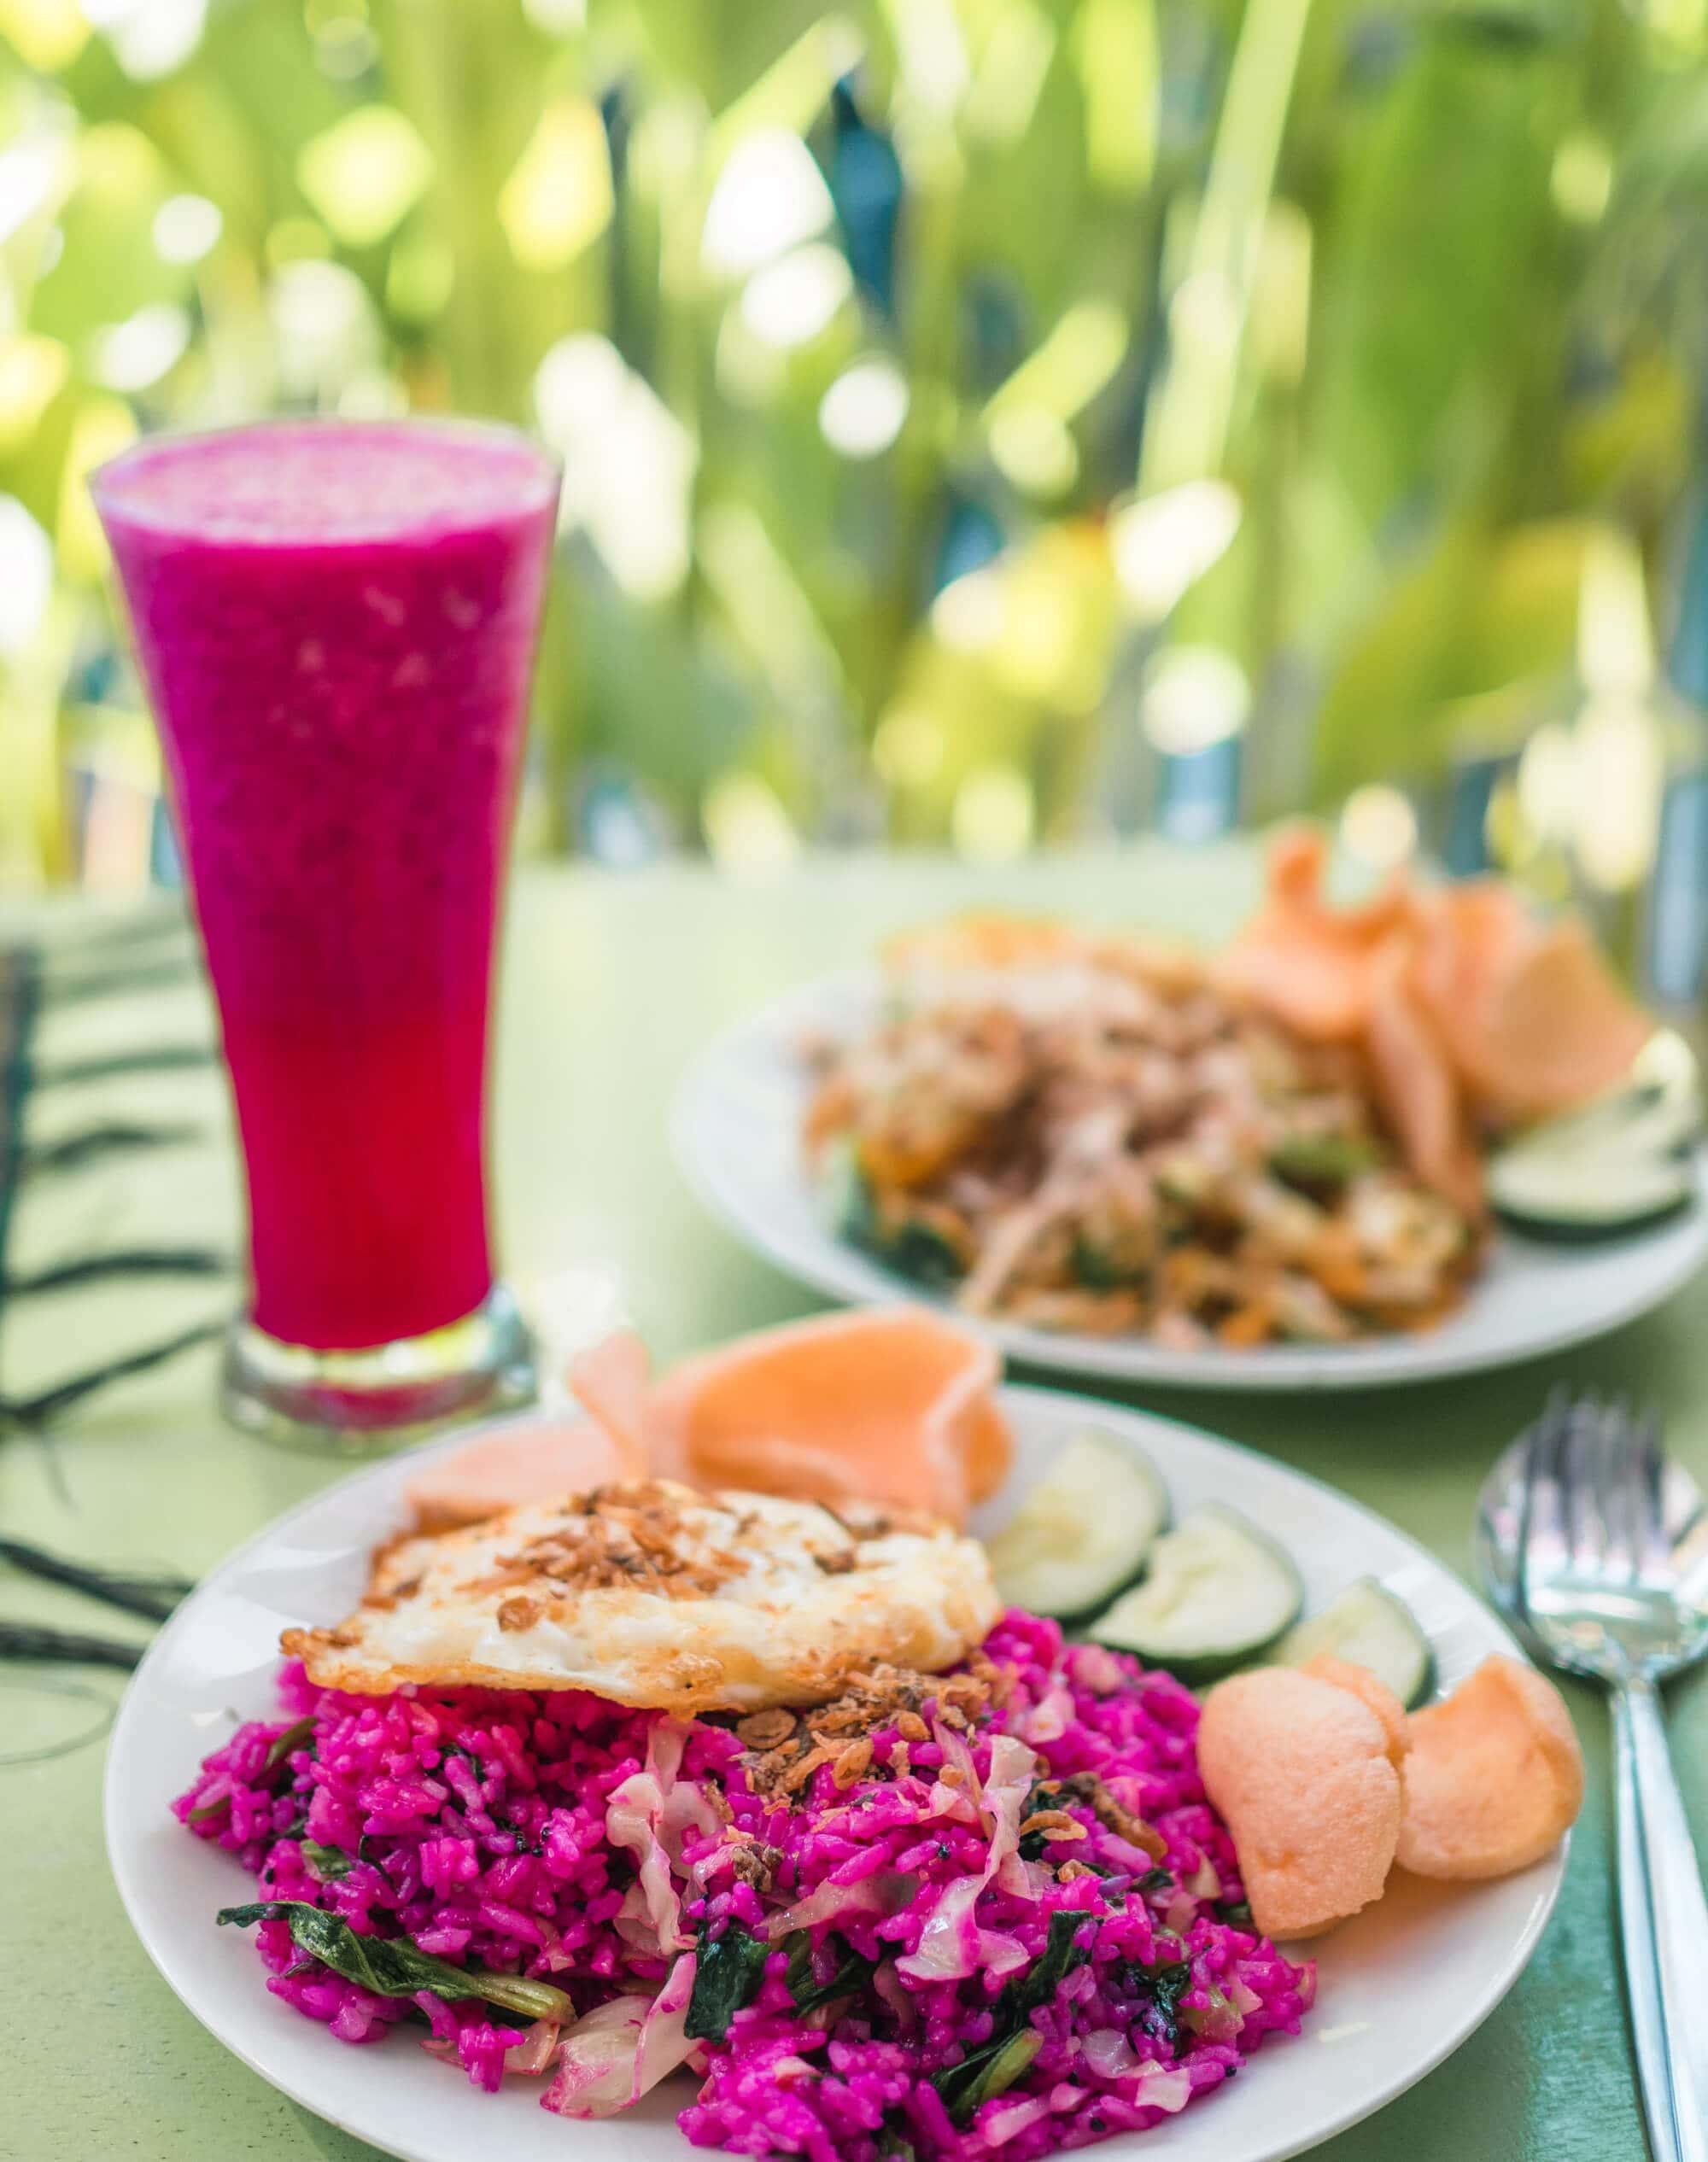 Island Life - Moving back to Bali & Lombok - Pink Nasi Goreng at Warung Anka in Legian